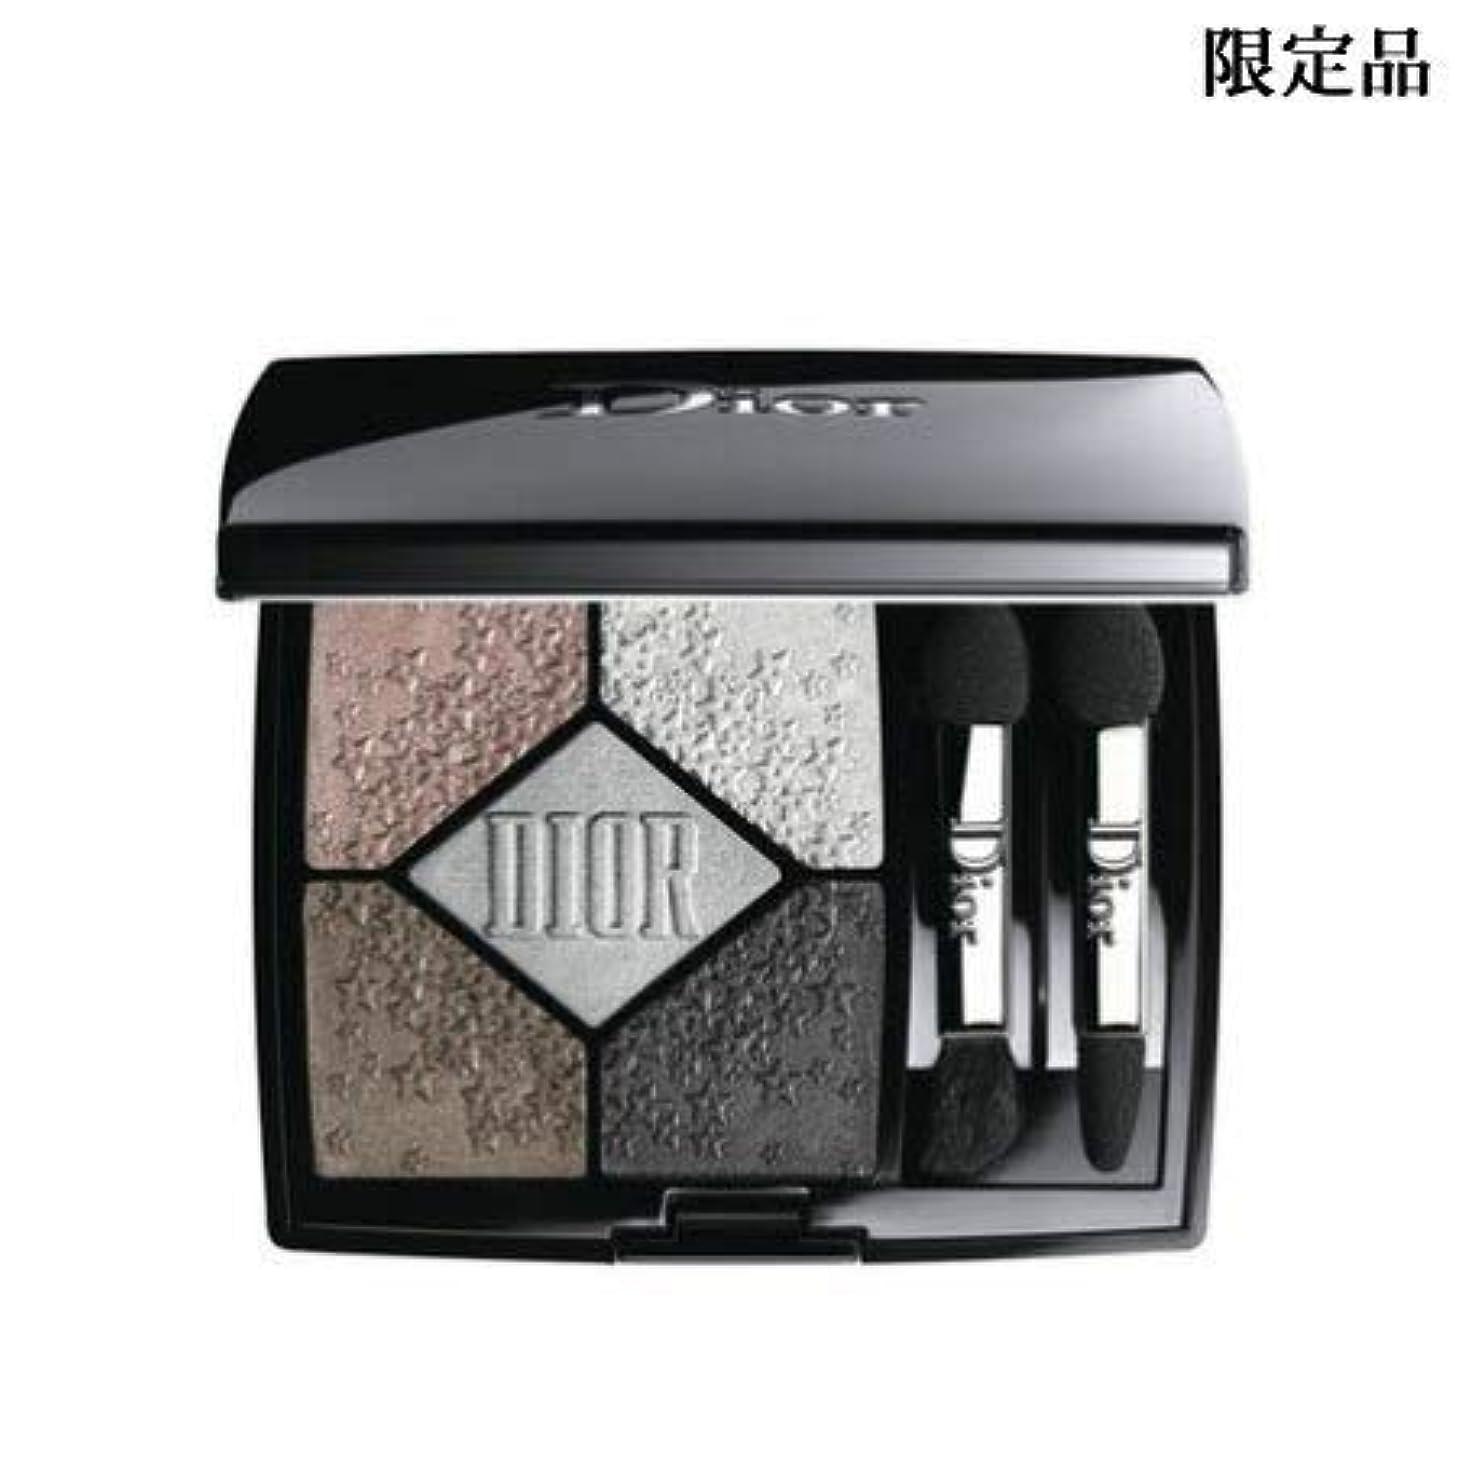 並外れた雑多な強調するディオール サンク クルール #057 ムーンライト 限定色 -Dior-